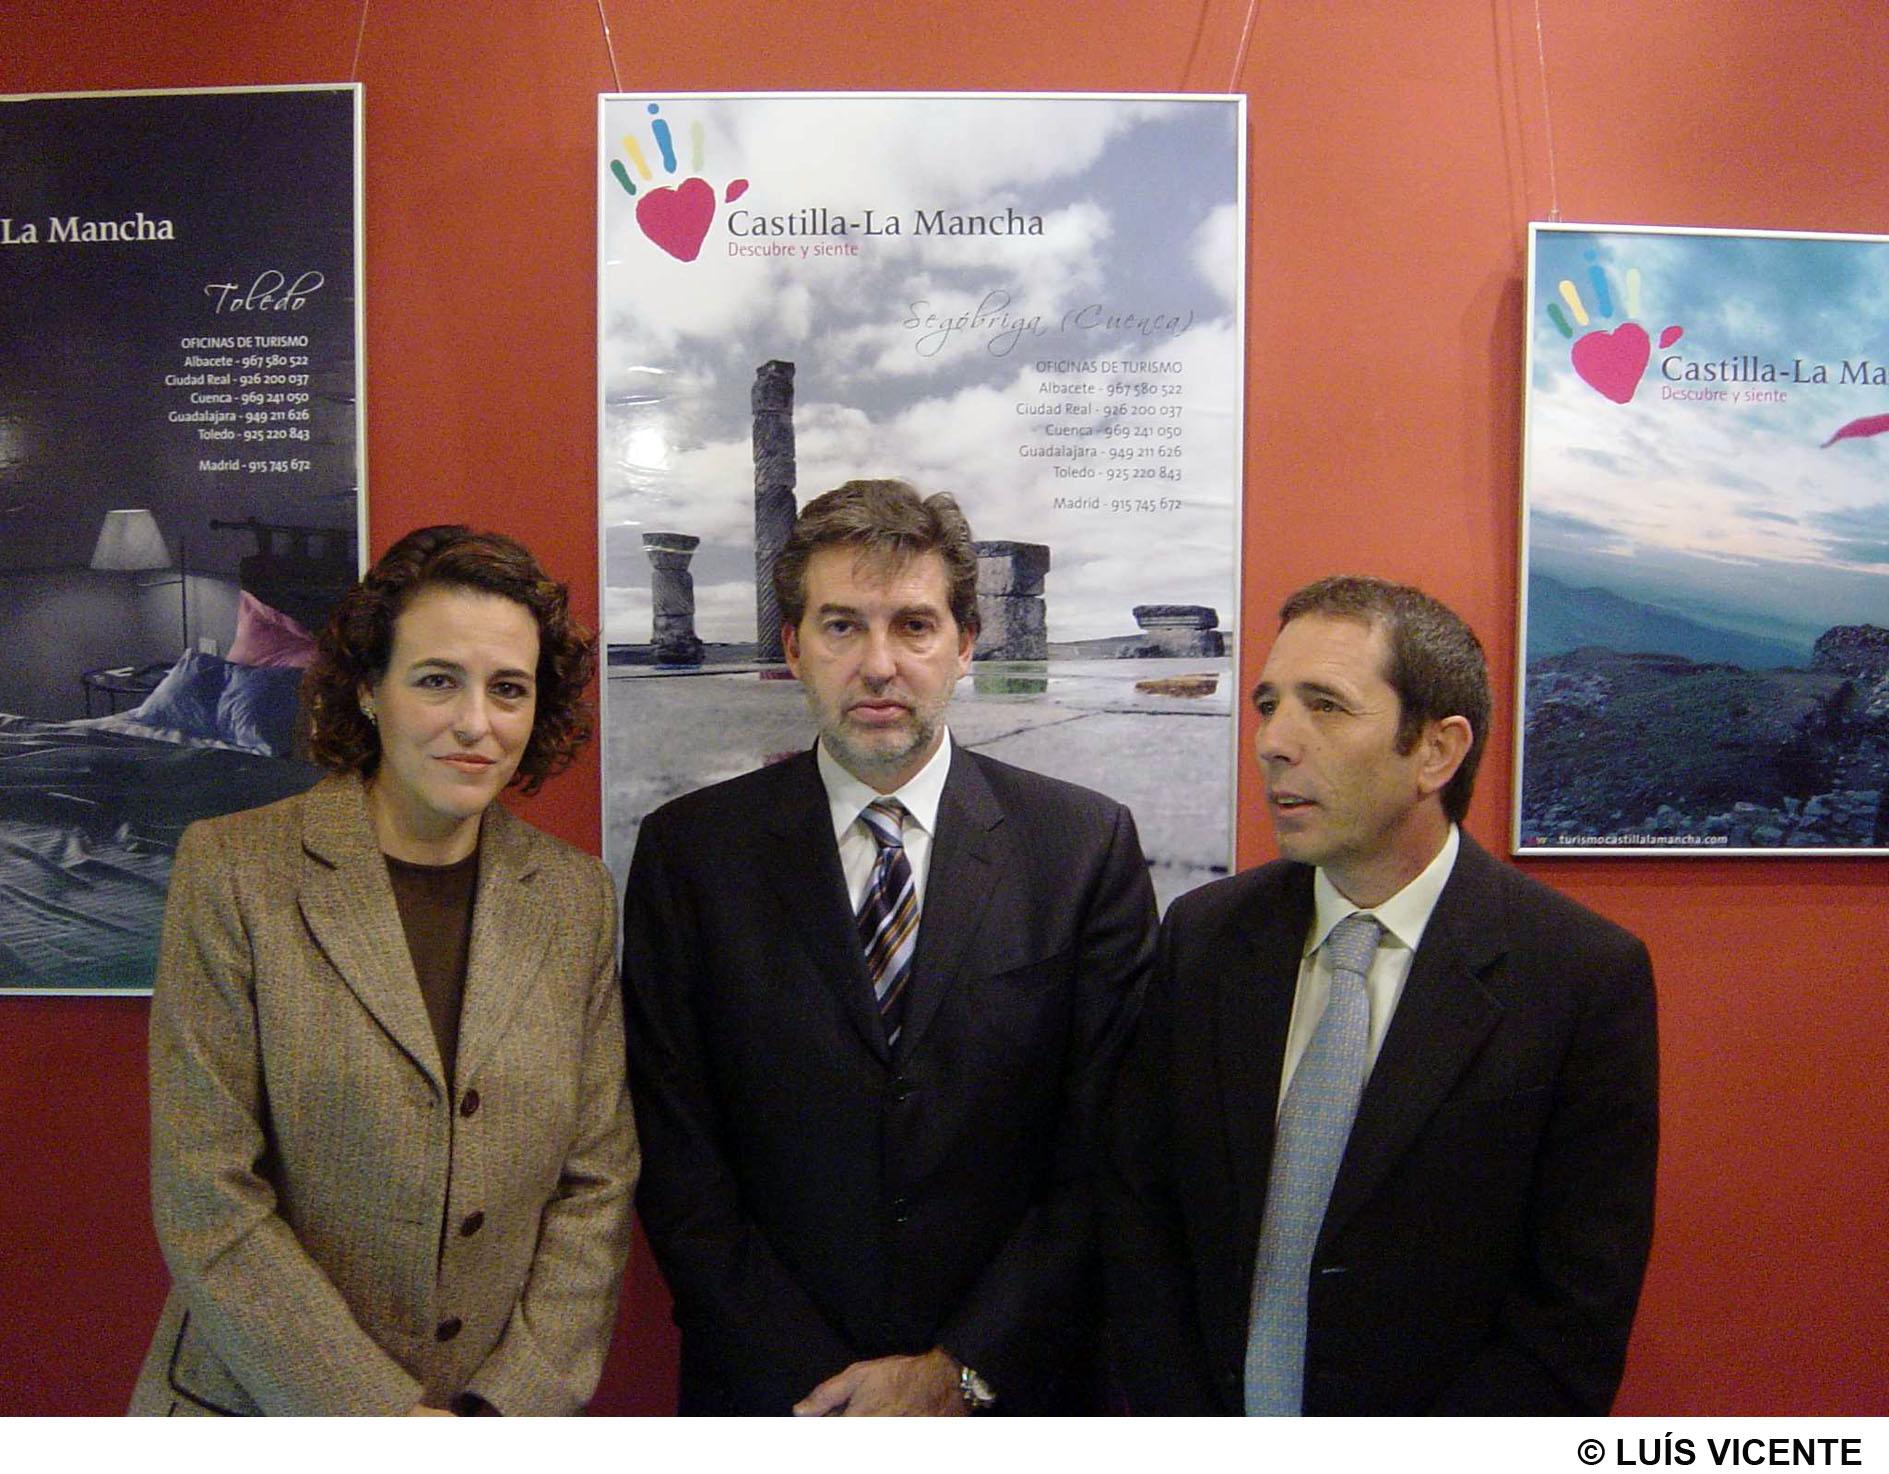 Las oficinas de turismo de castilla la mancha en madrid y for Oficina virtual de empleo castilla la mancha